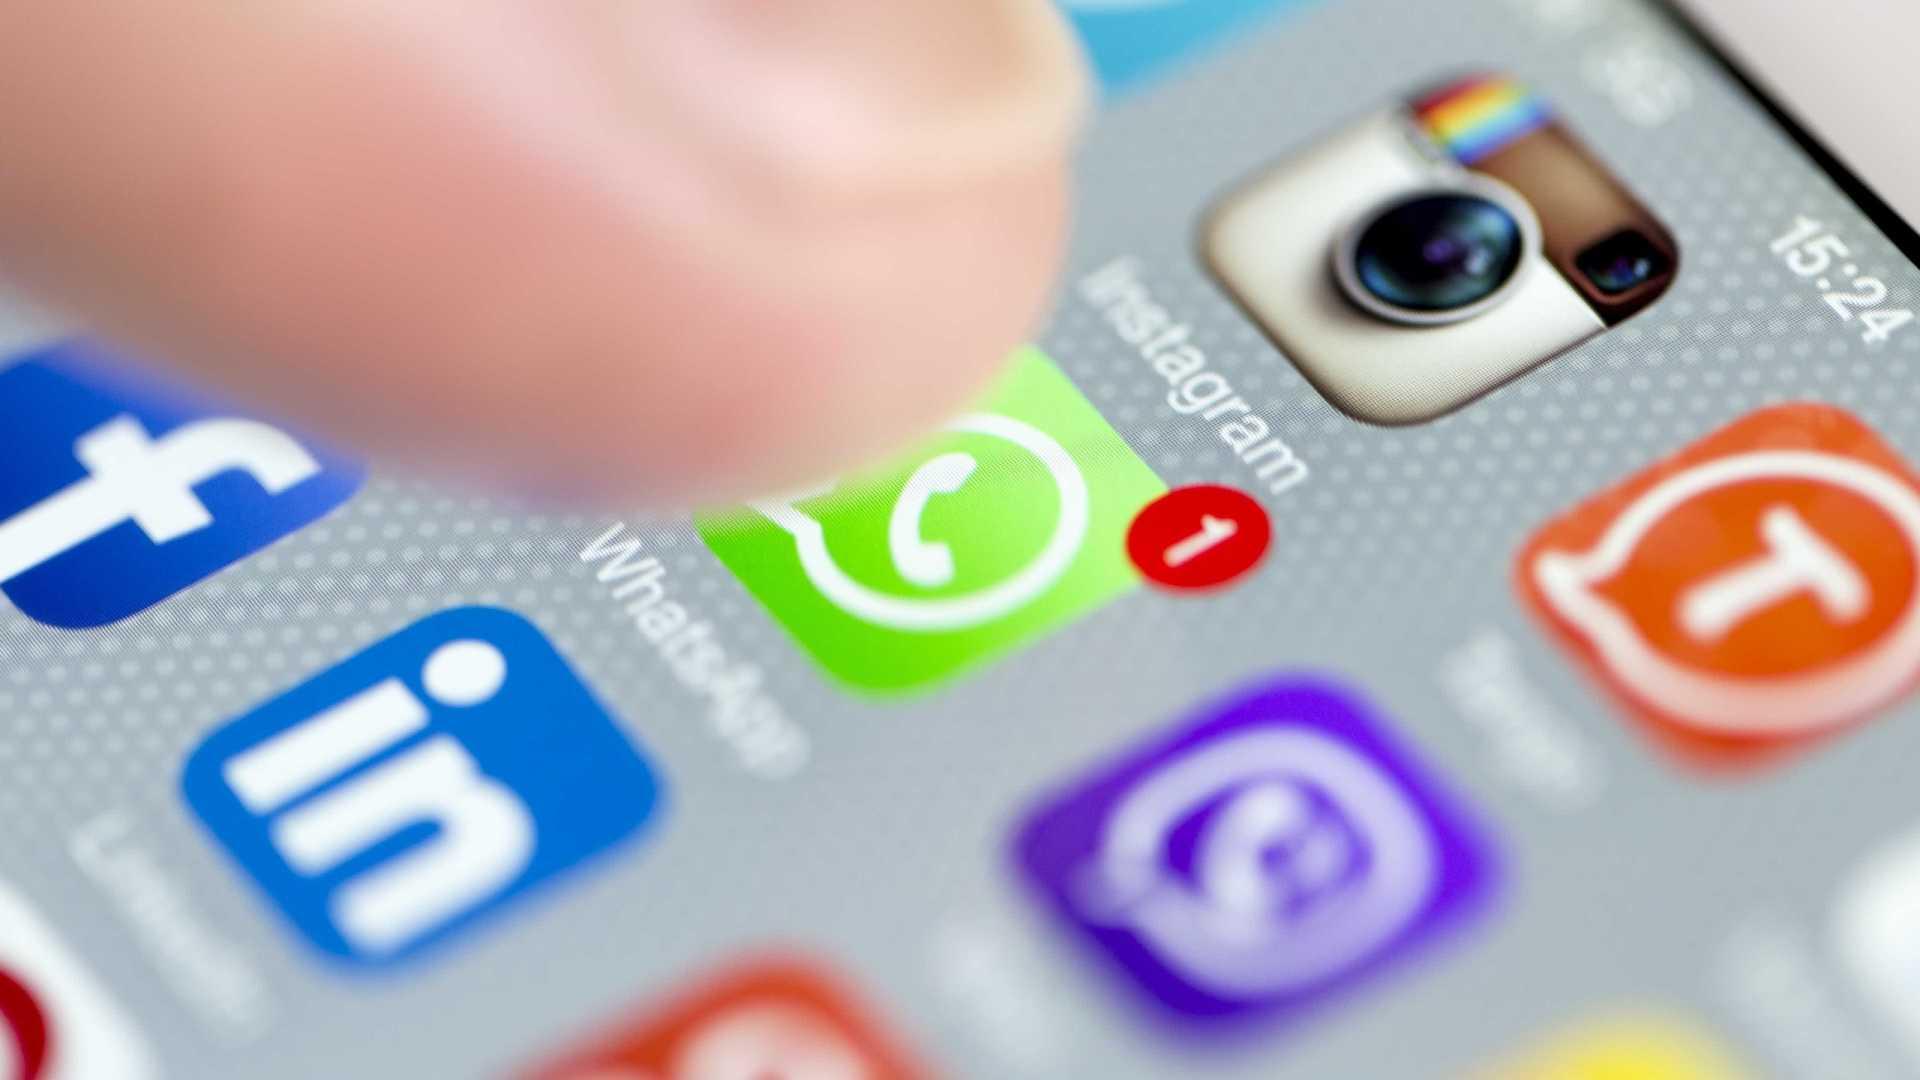 como ver mensagens apagadas do whatsapp iphone